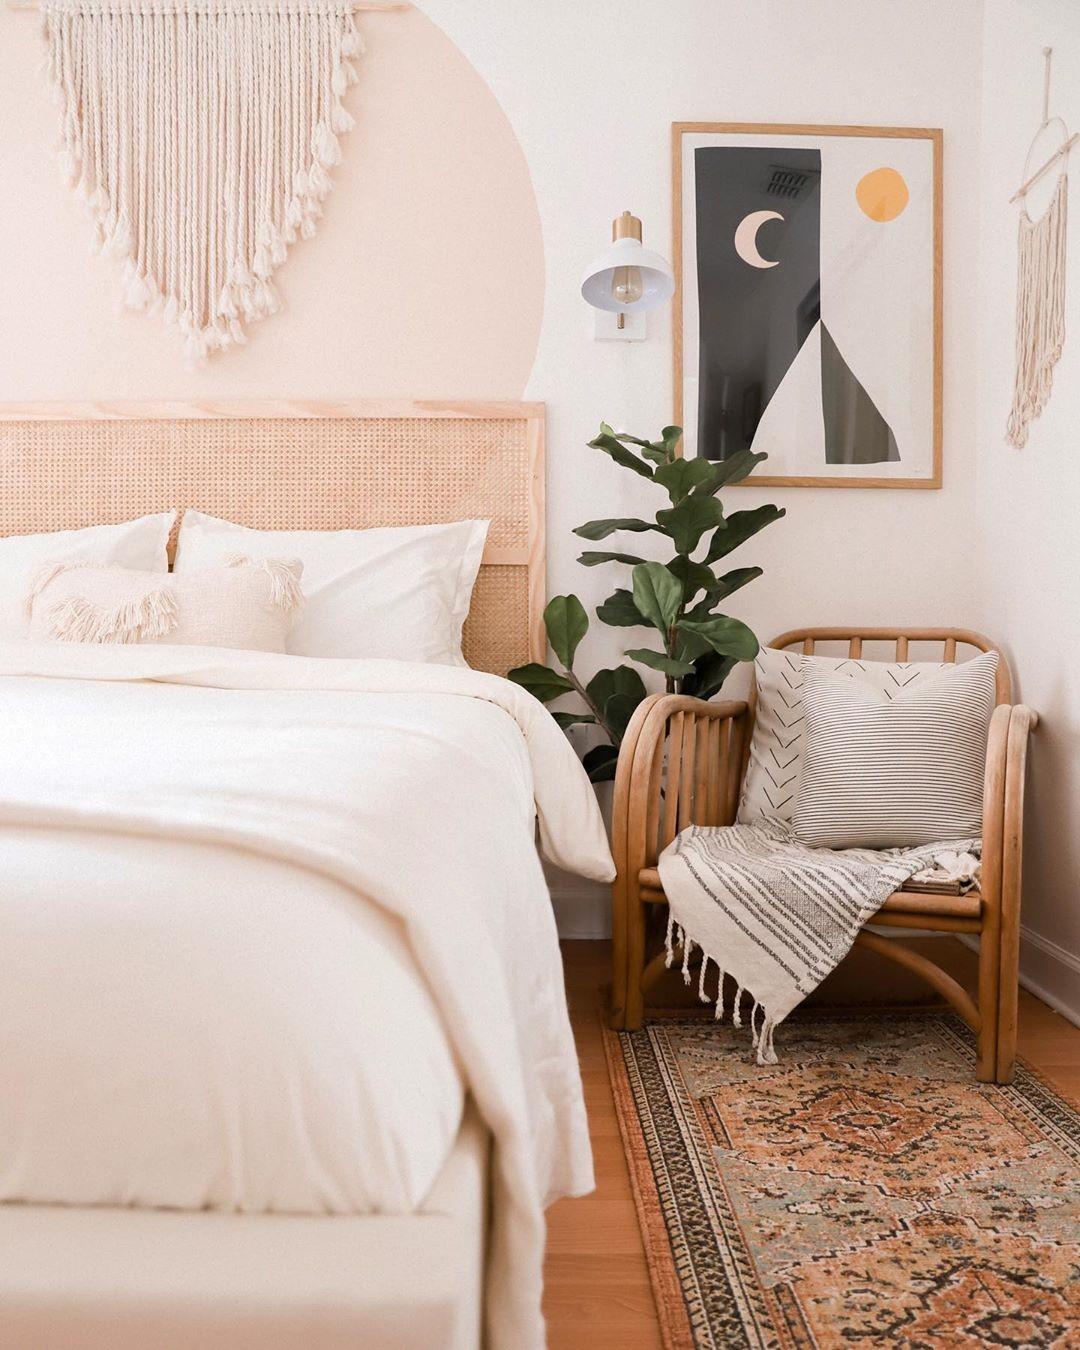 Décor do dia: quarto com estilo boho chic, palhinha e tons terrosos (Foto: Arquivo Pessoal)